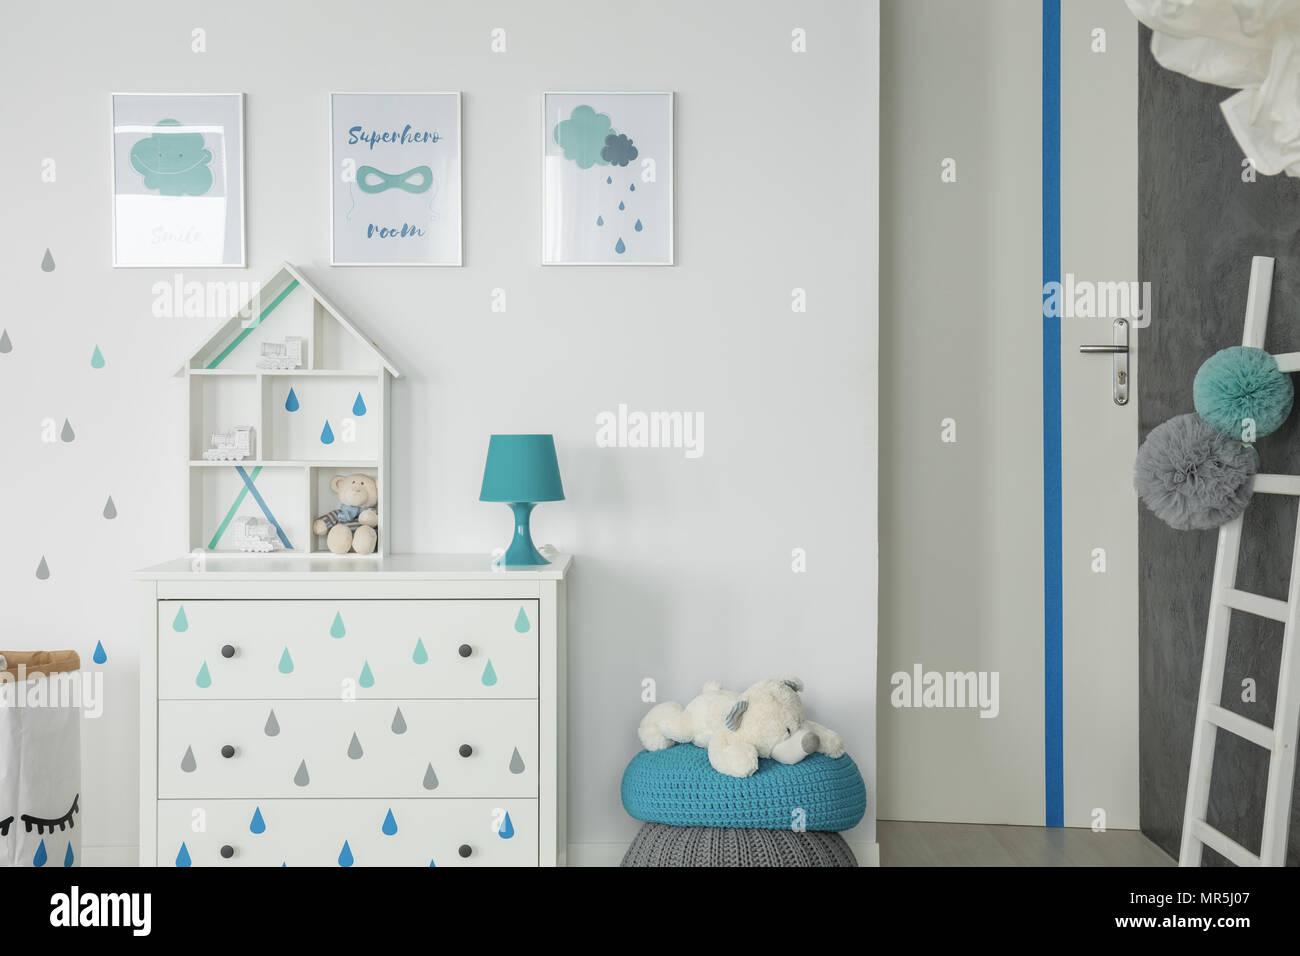 Weiss Baby Schlafzimmer Mit Kommode Pouf Und Wand Poster Stockfoto